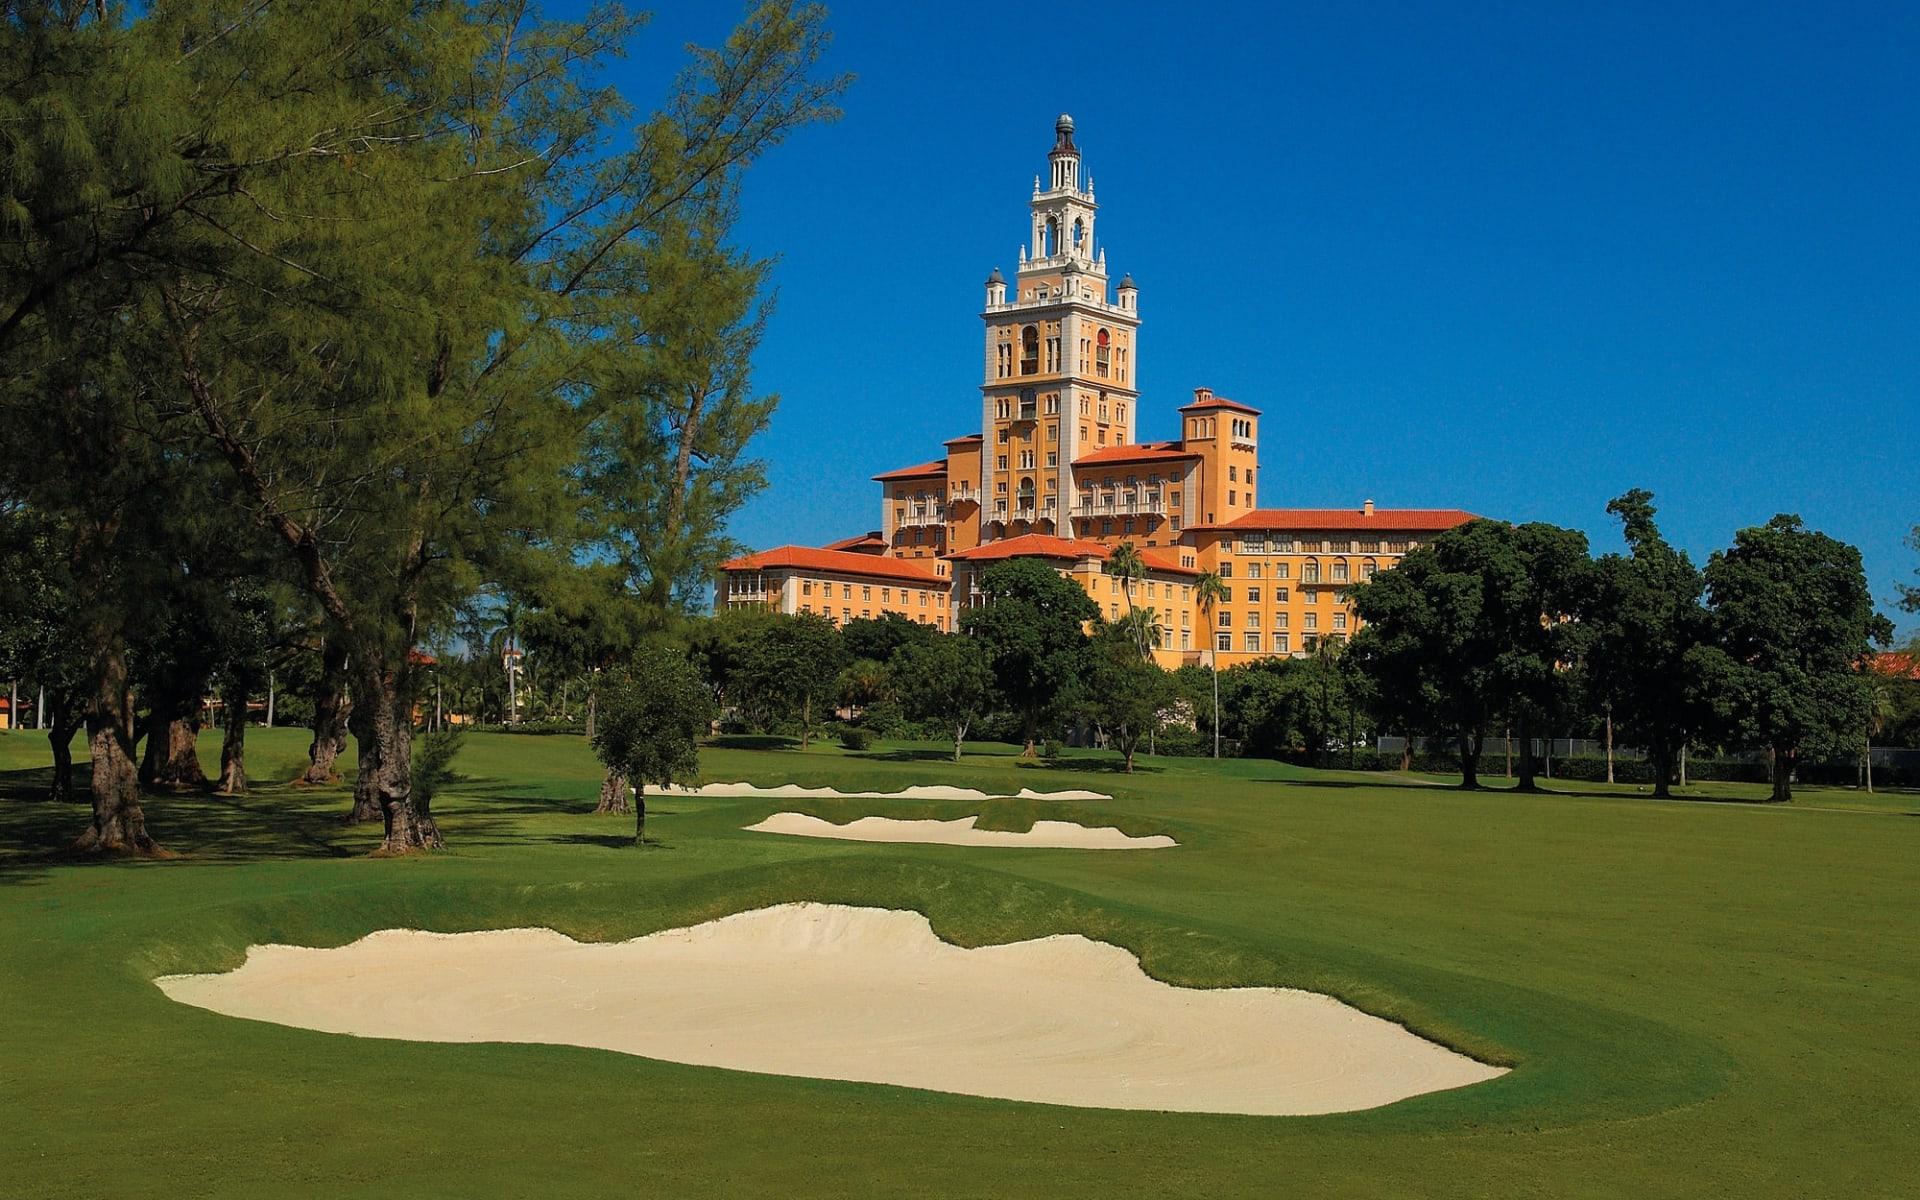 The Biltmore in Miami:  The Biltmore - Blick auf Hotel